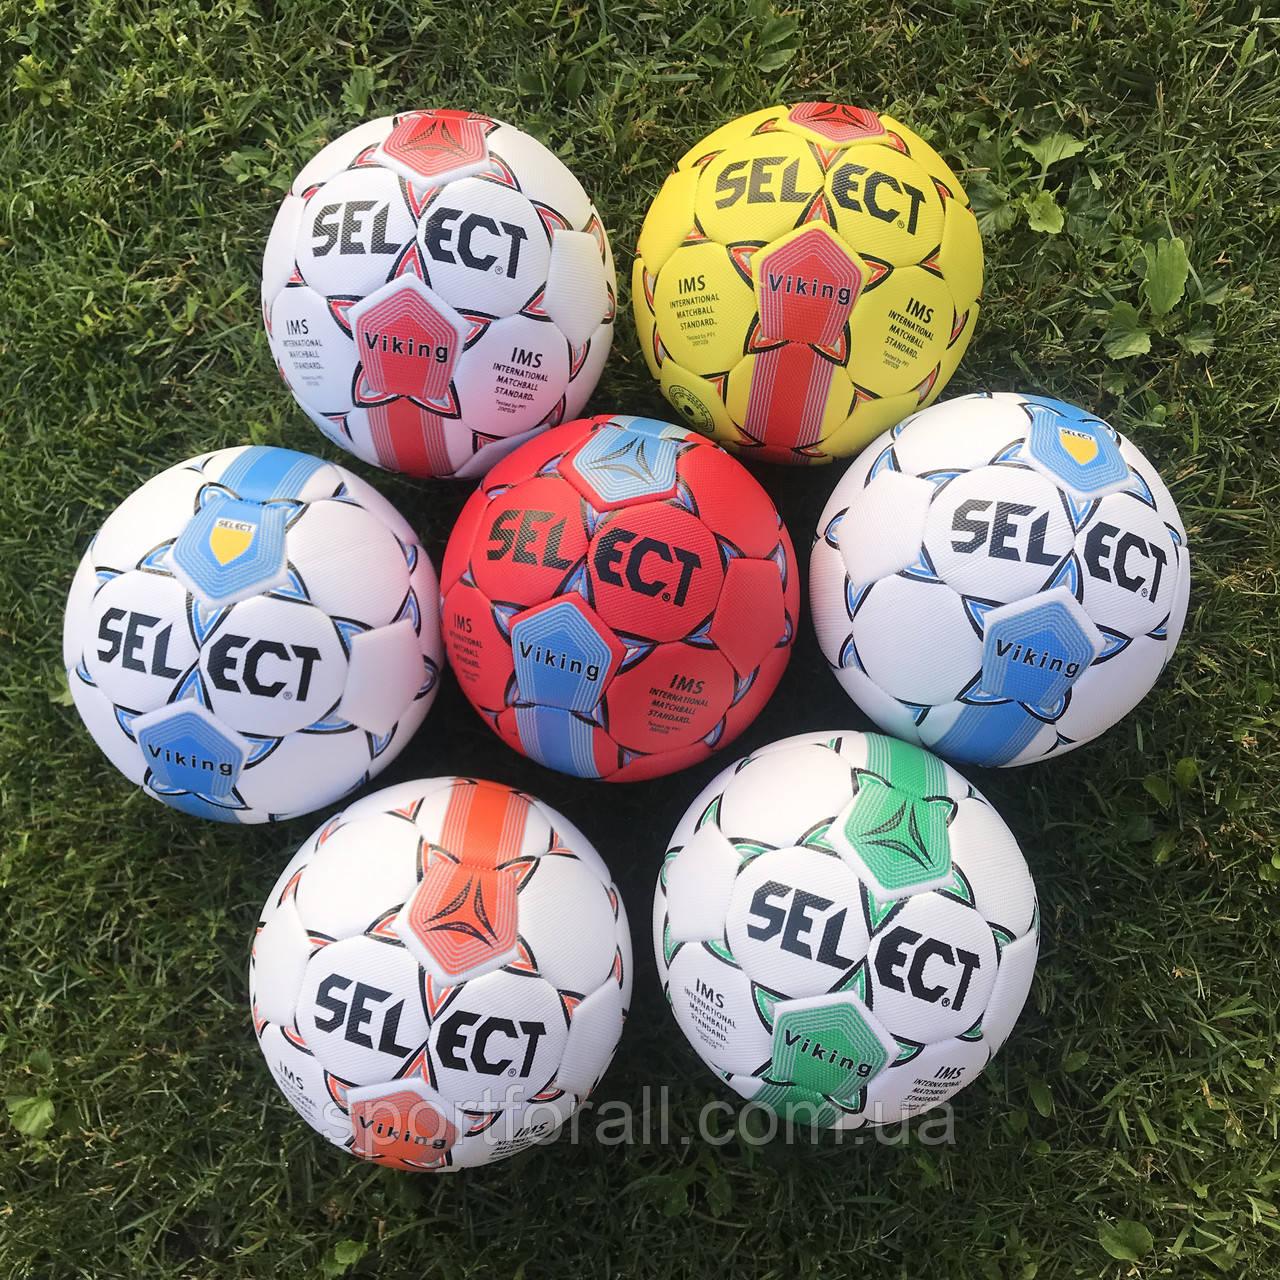 М'яч футбольний SELECT VIKING №5 MS-2315